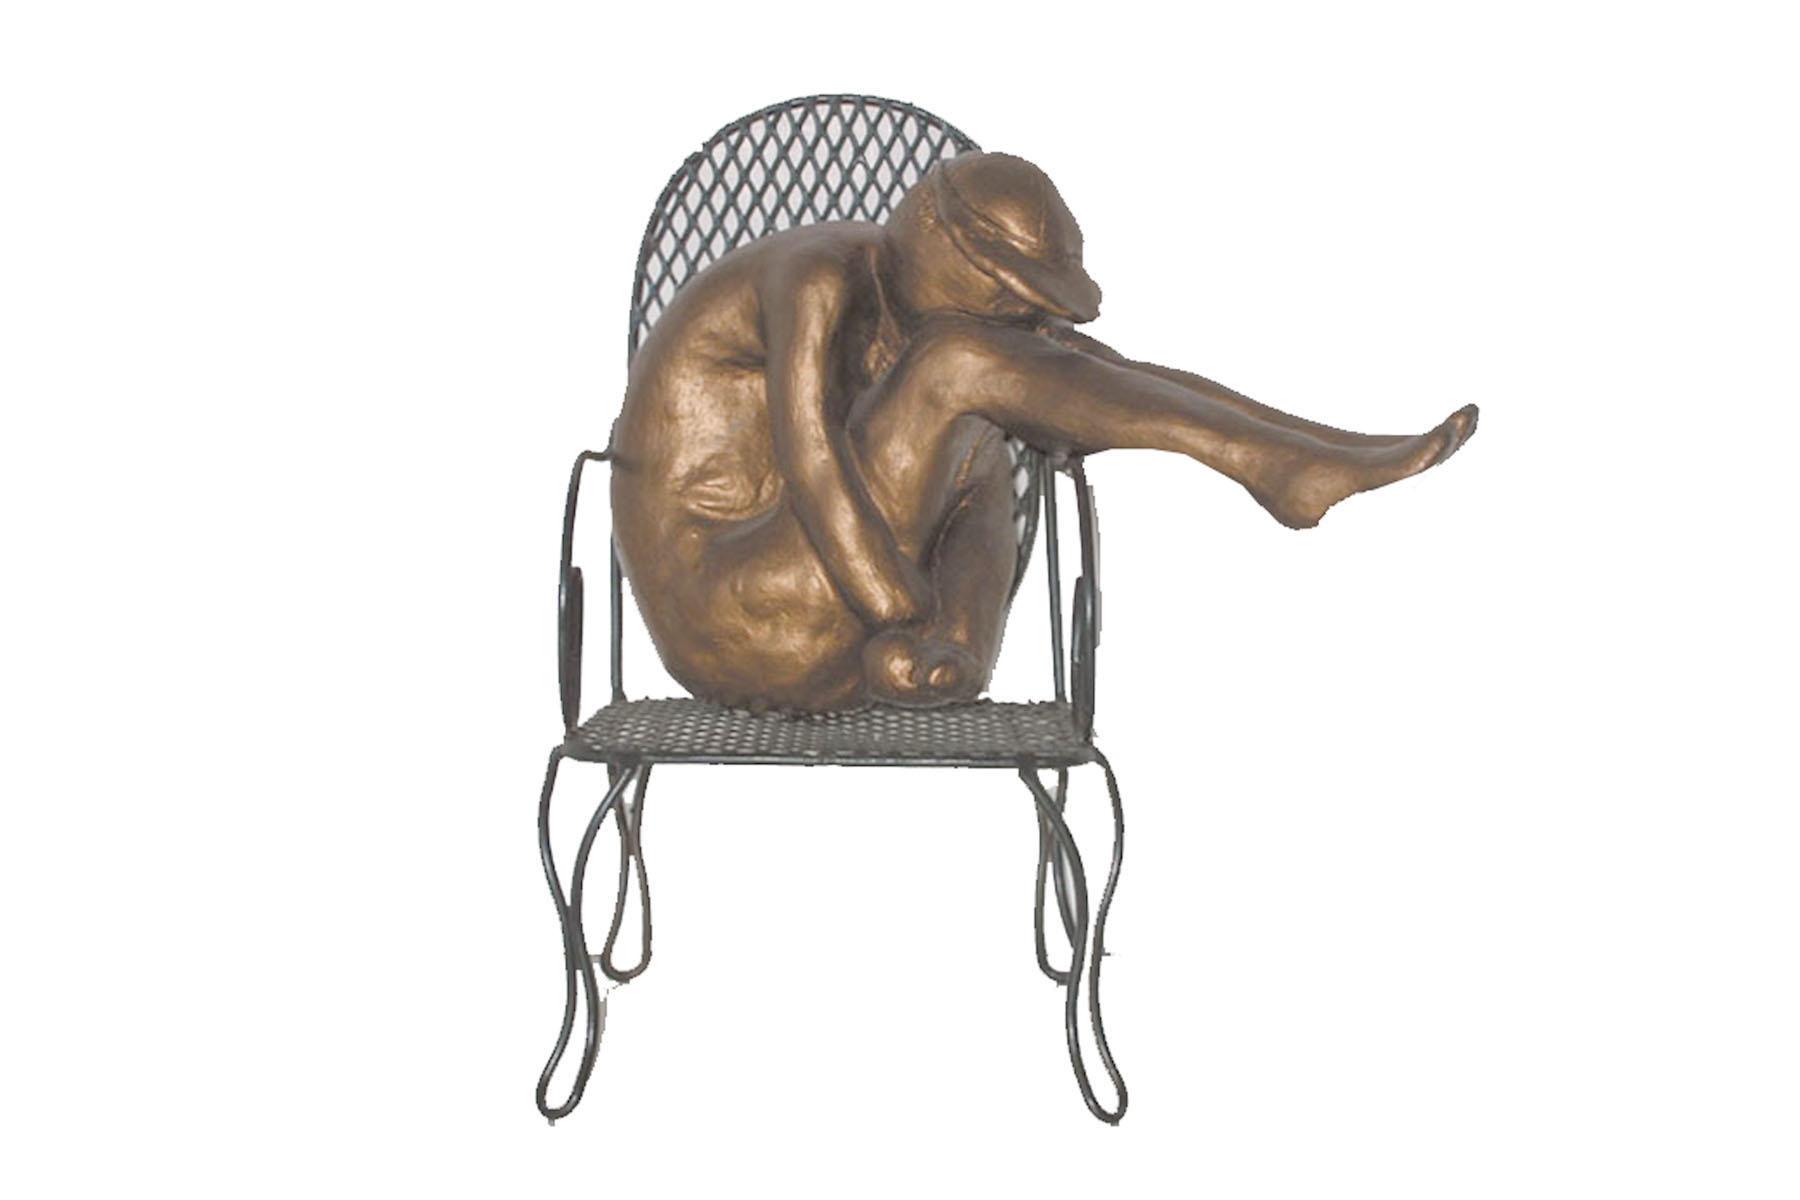 Boy on a Chair 6x4.jpg